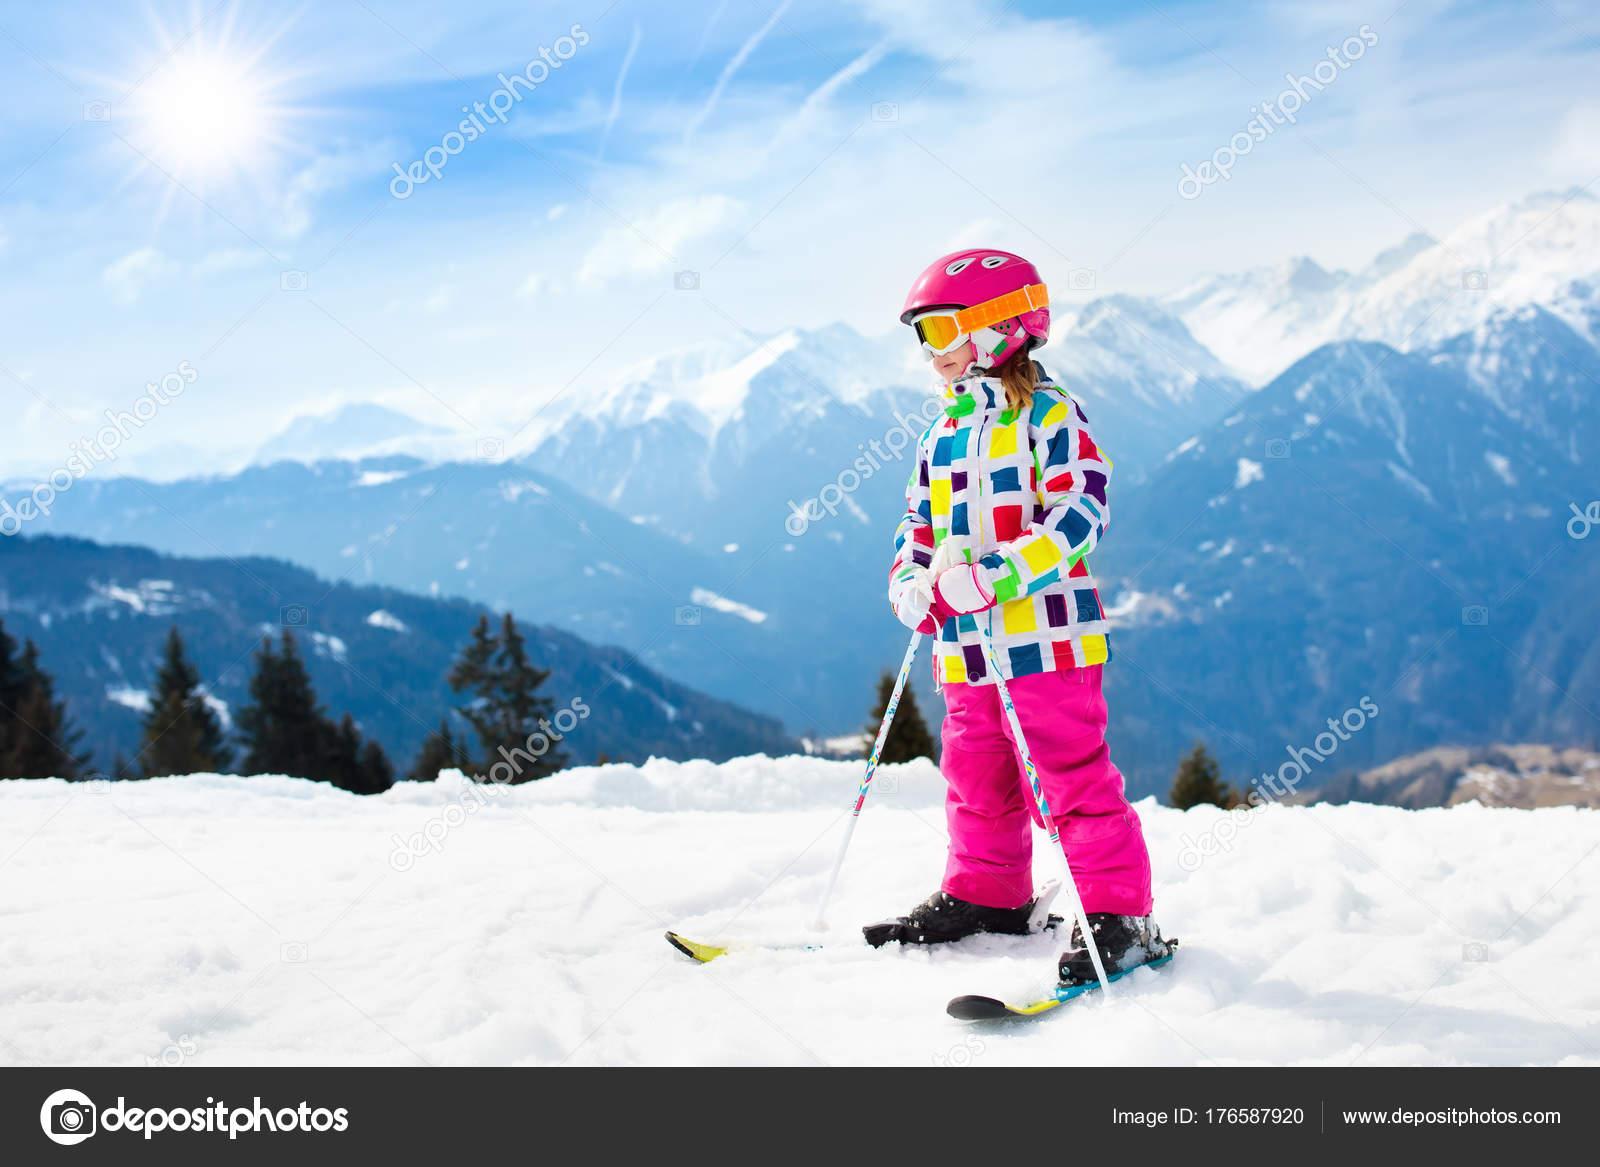 03a3884a8c Ski dans les montagnes de l'enfant. Kid enfant actif avec un casque de  sécurité, lunettes de protection et poteaux. Course de ski pour les jeunes  enfants.